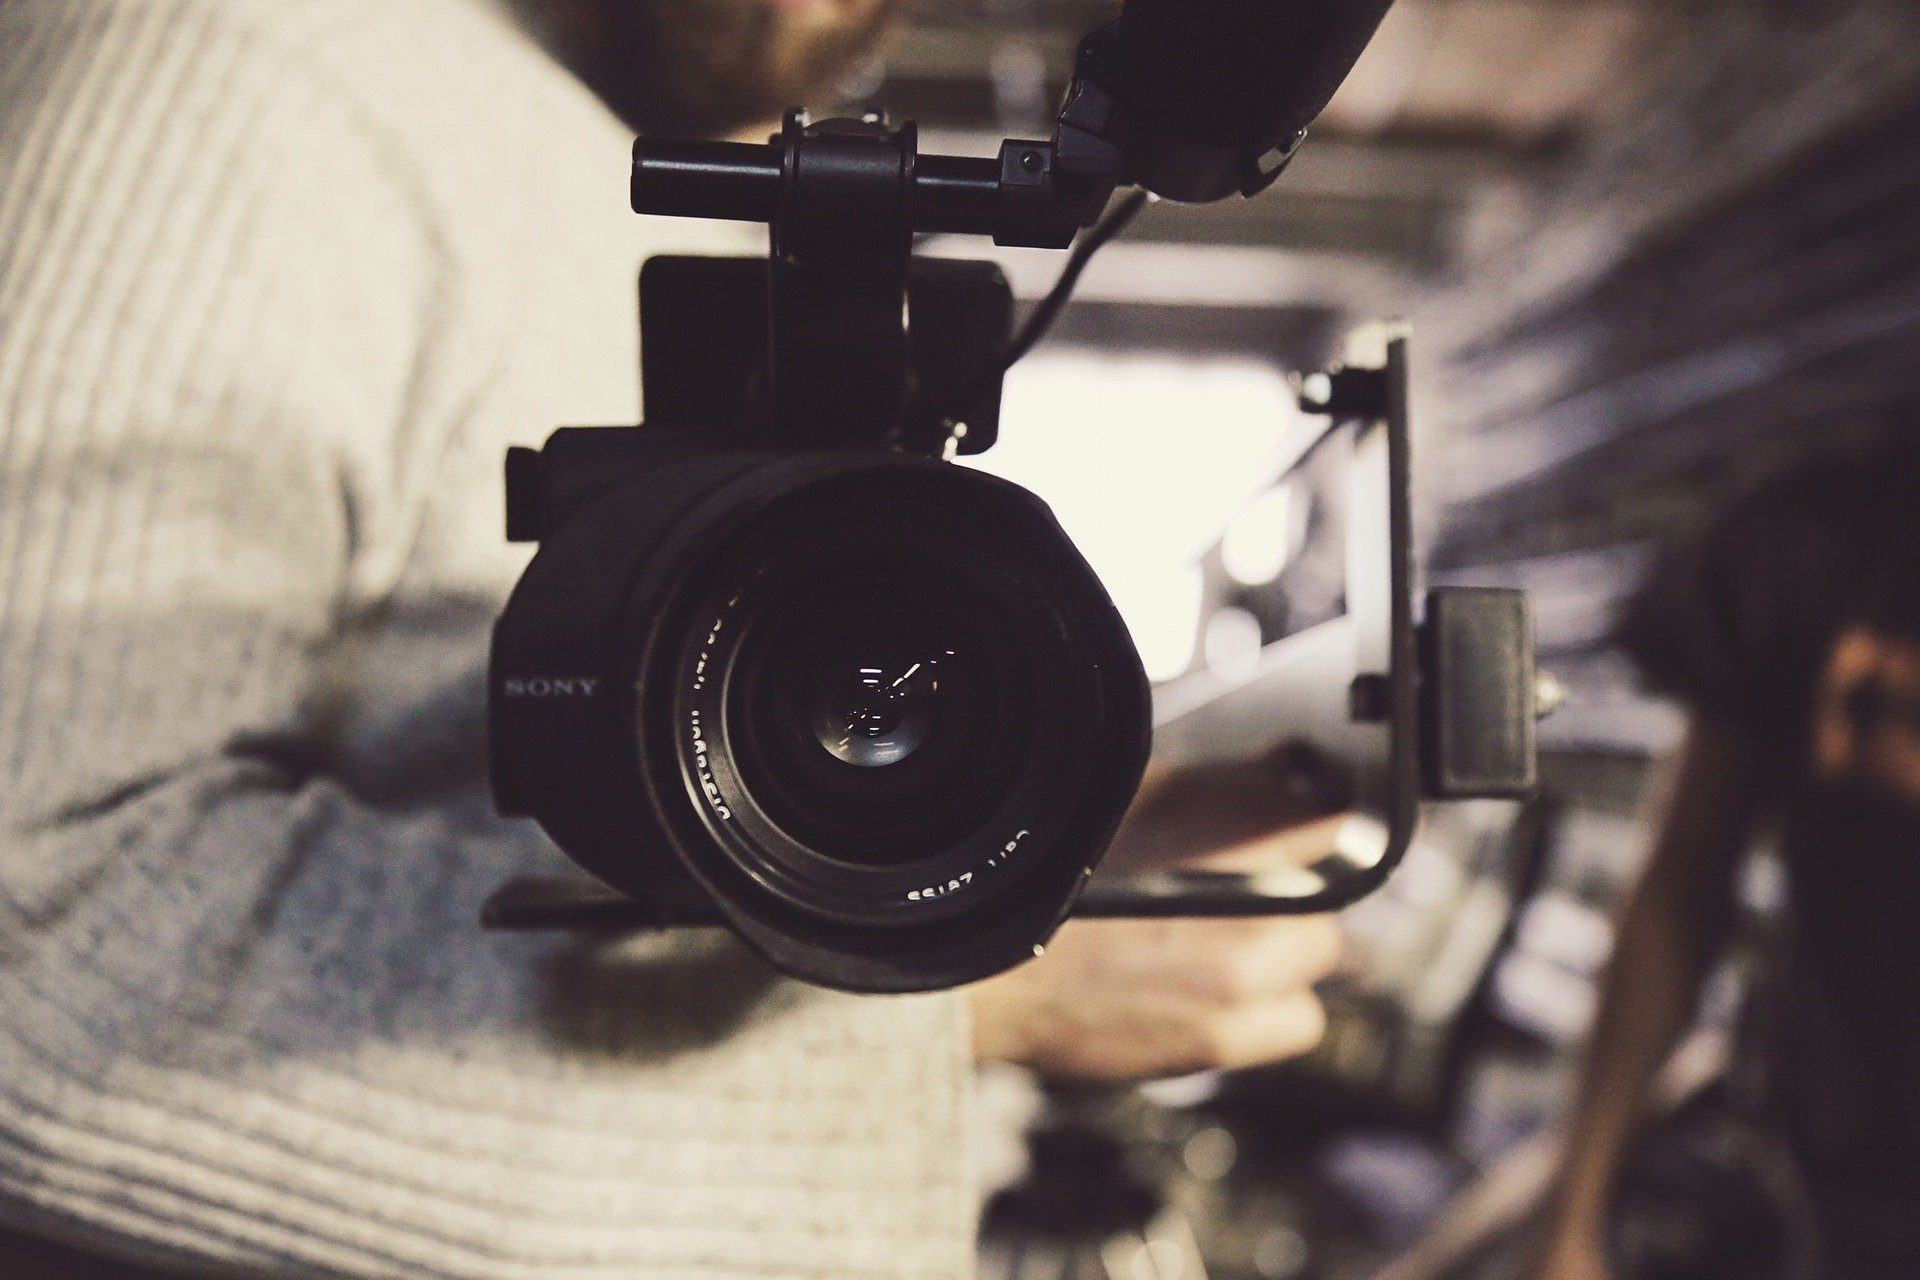 МТС Медиа готова инвестировать в кинопроизводство в Заполярье 1